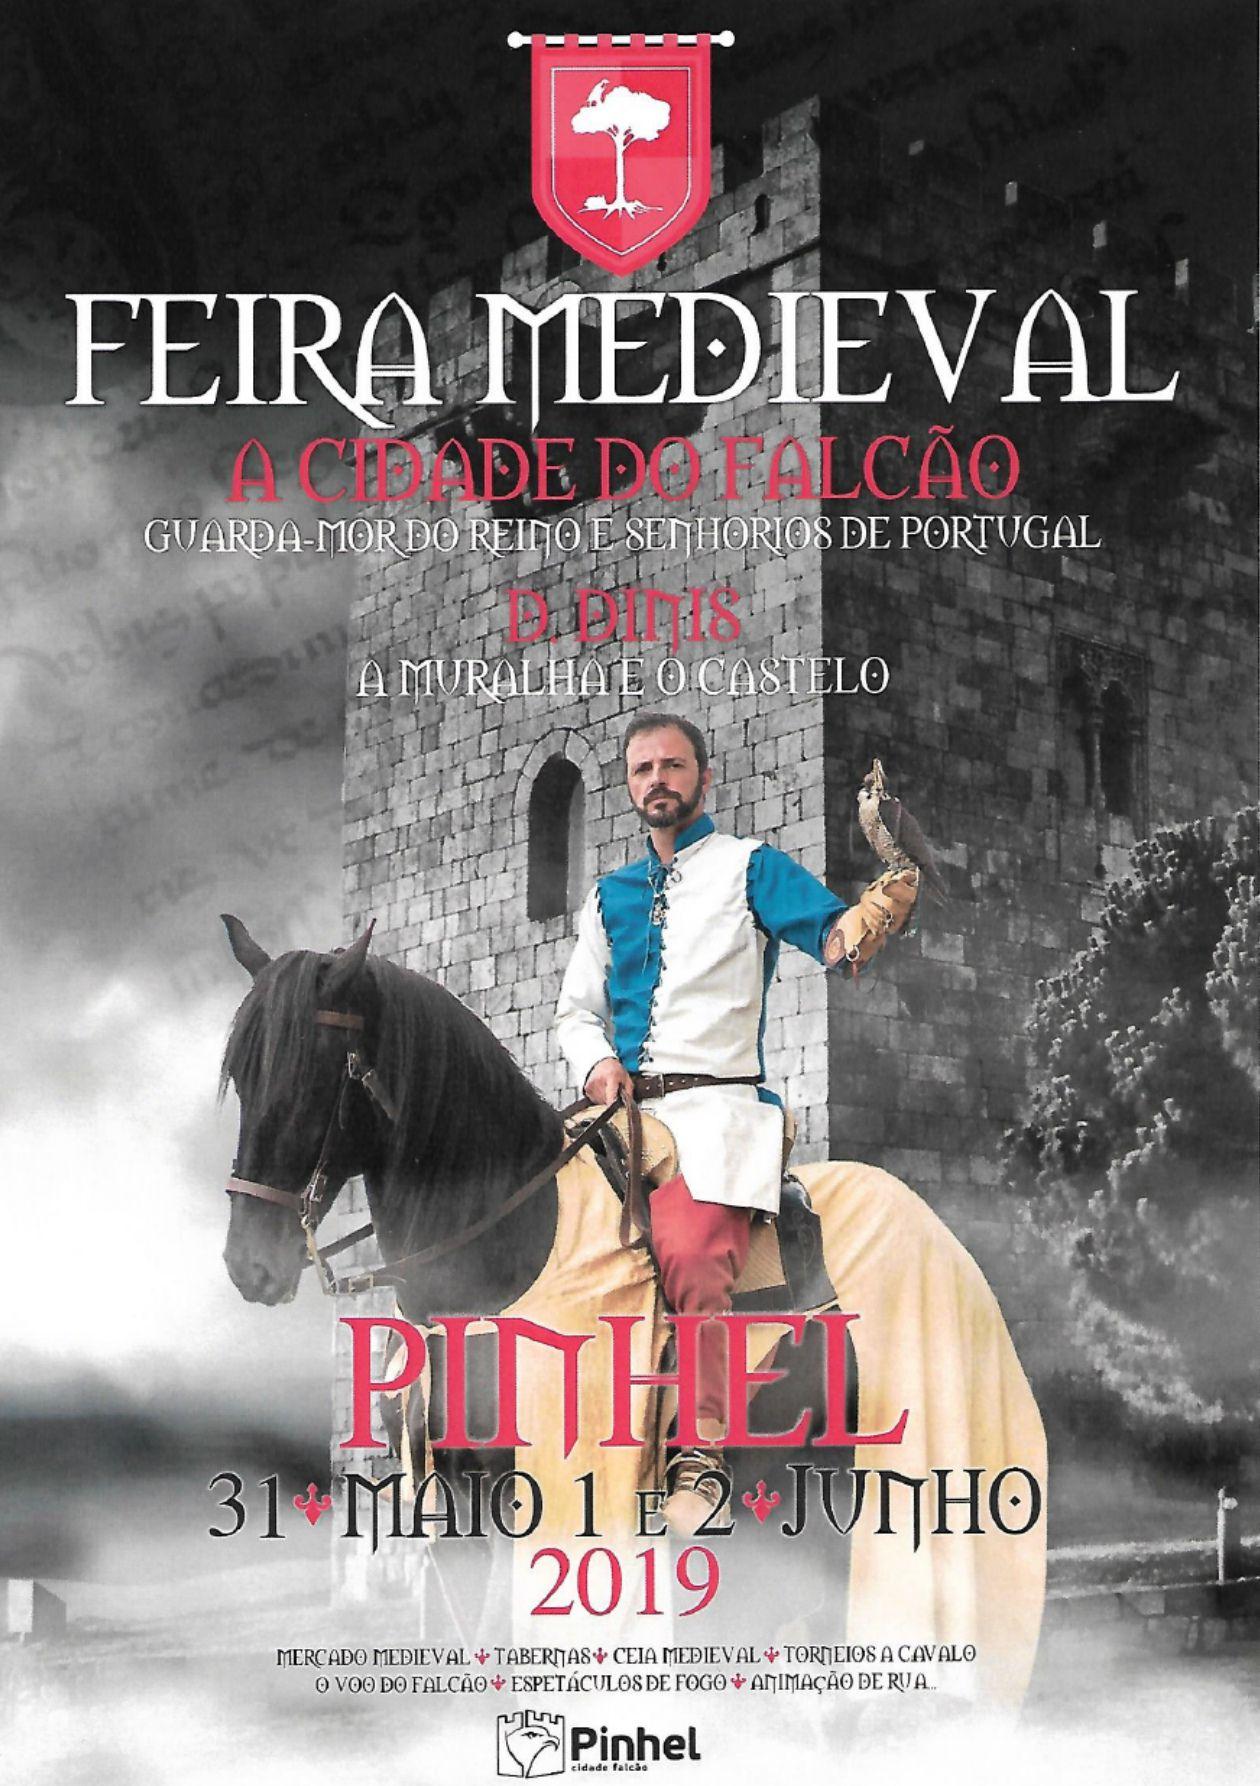 Pinhel - Feira Medieval (Colaboração)